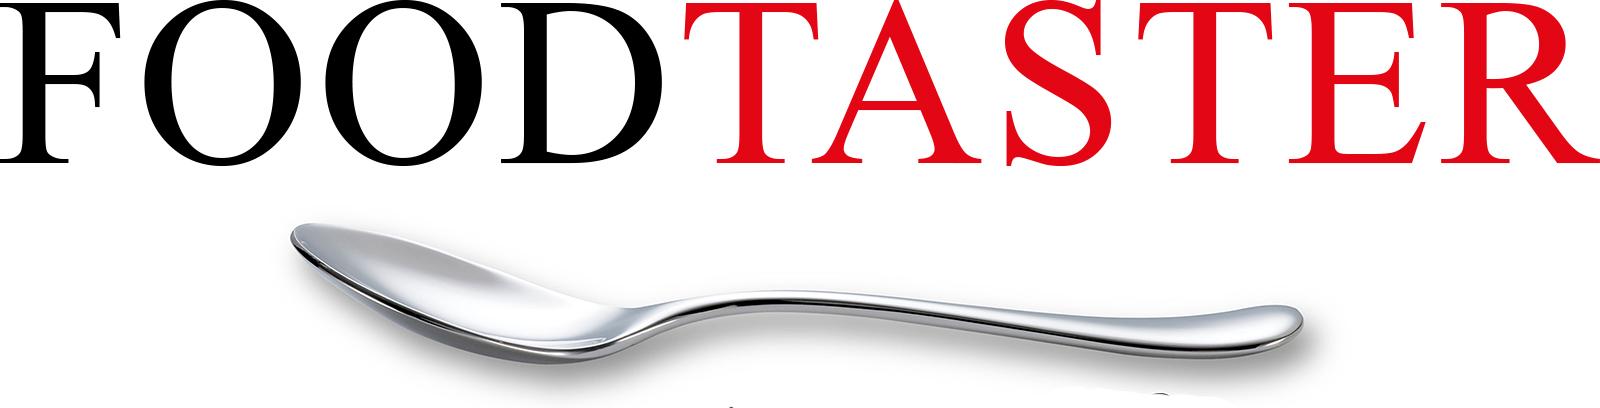 logo foodtaster